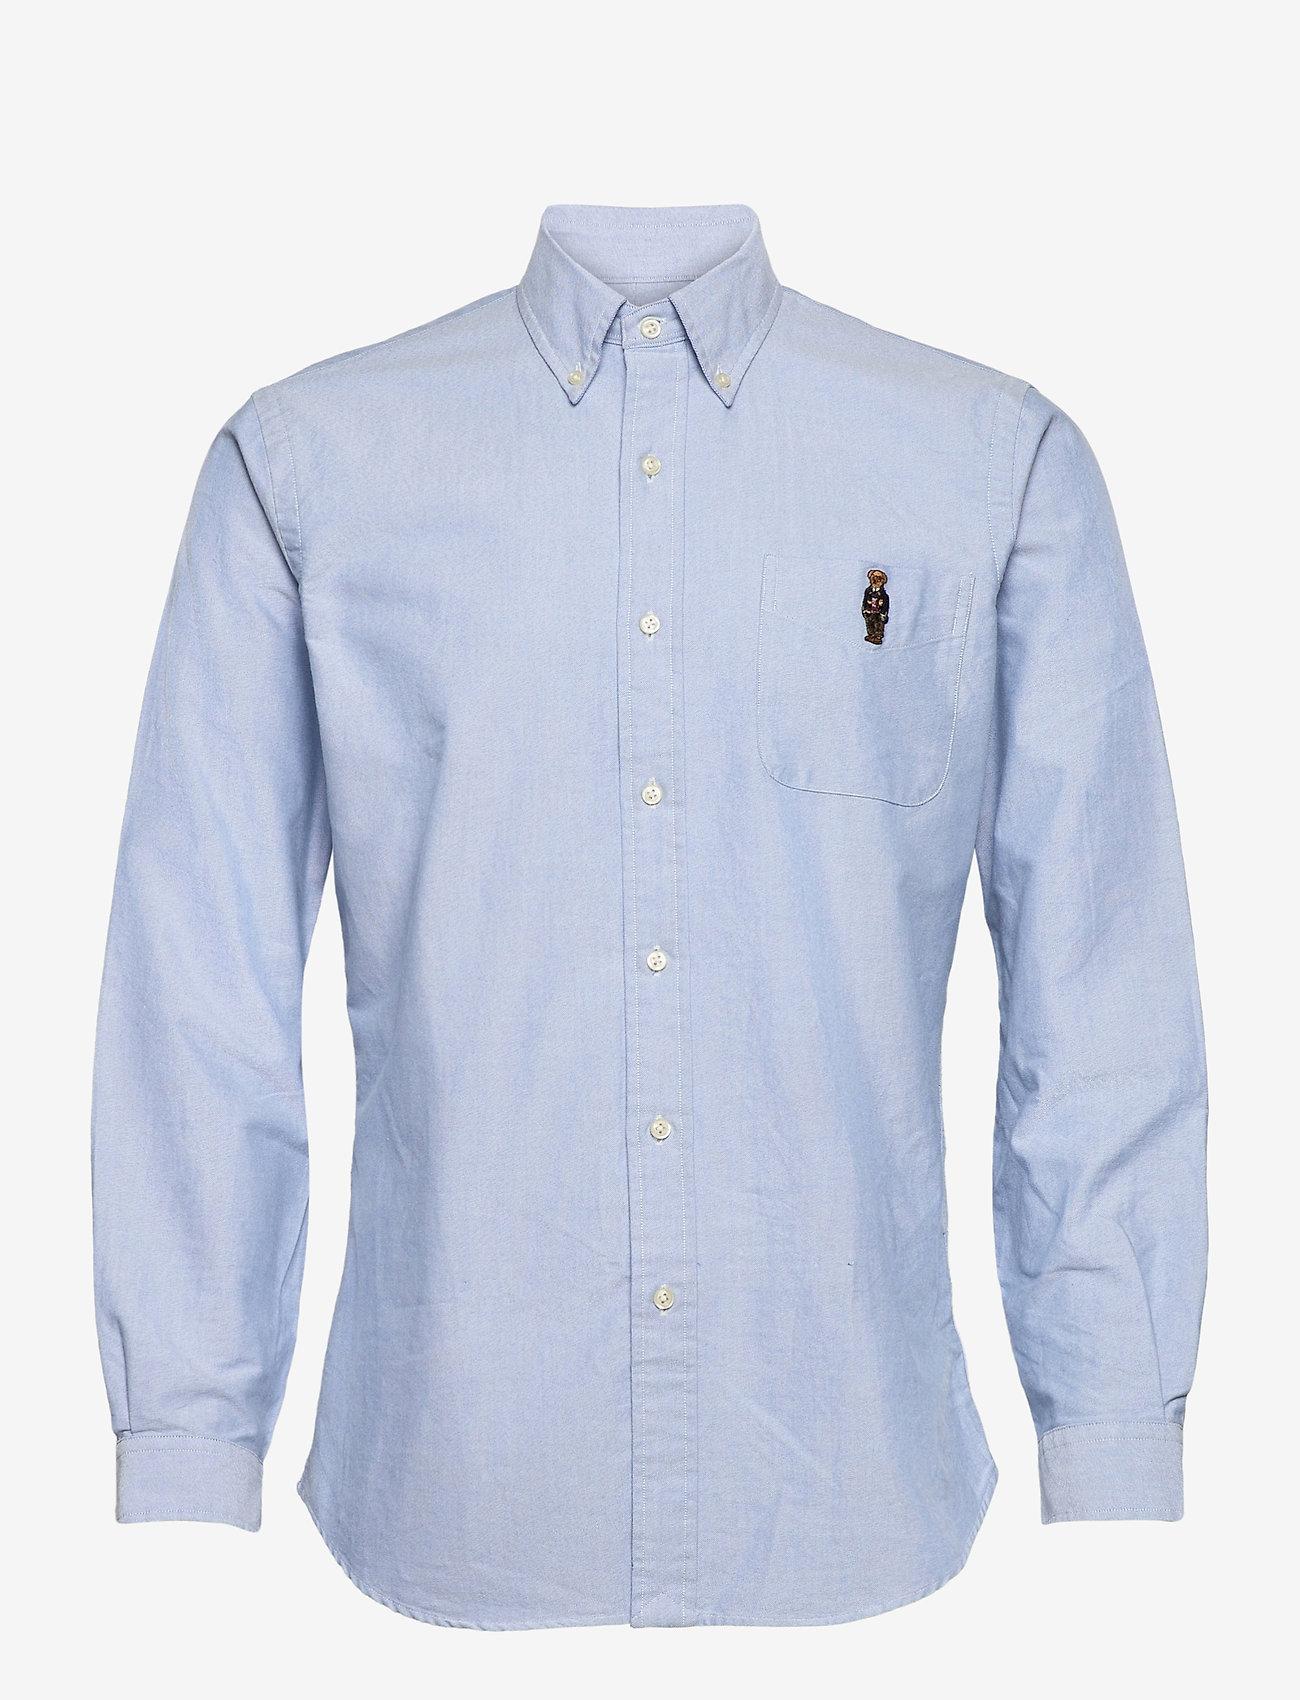 Polo Ralph Lauren - OXFORD-CUBDPKS - casual shirts - 4982a bsr blue pr - 0